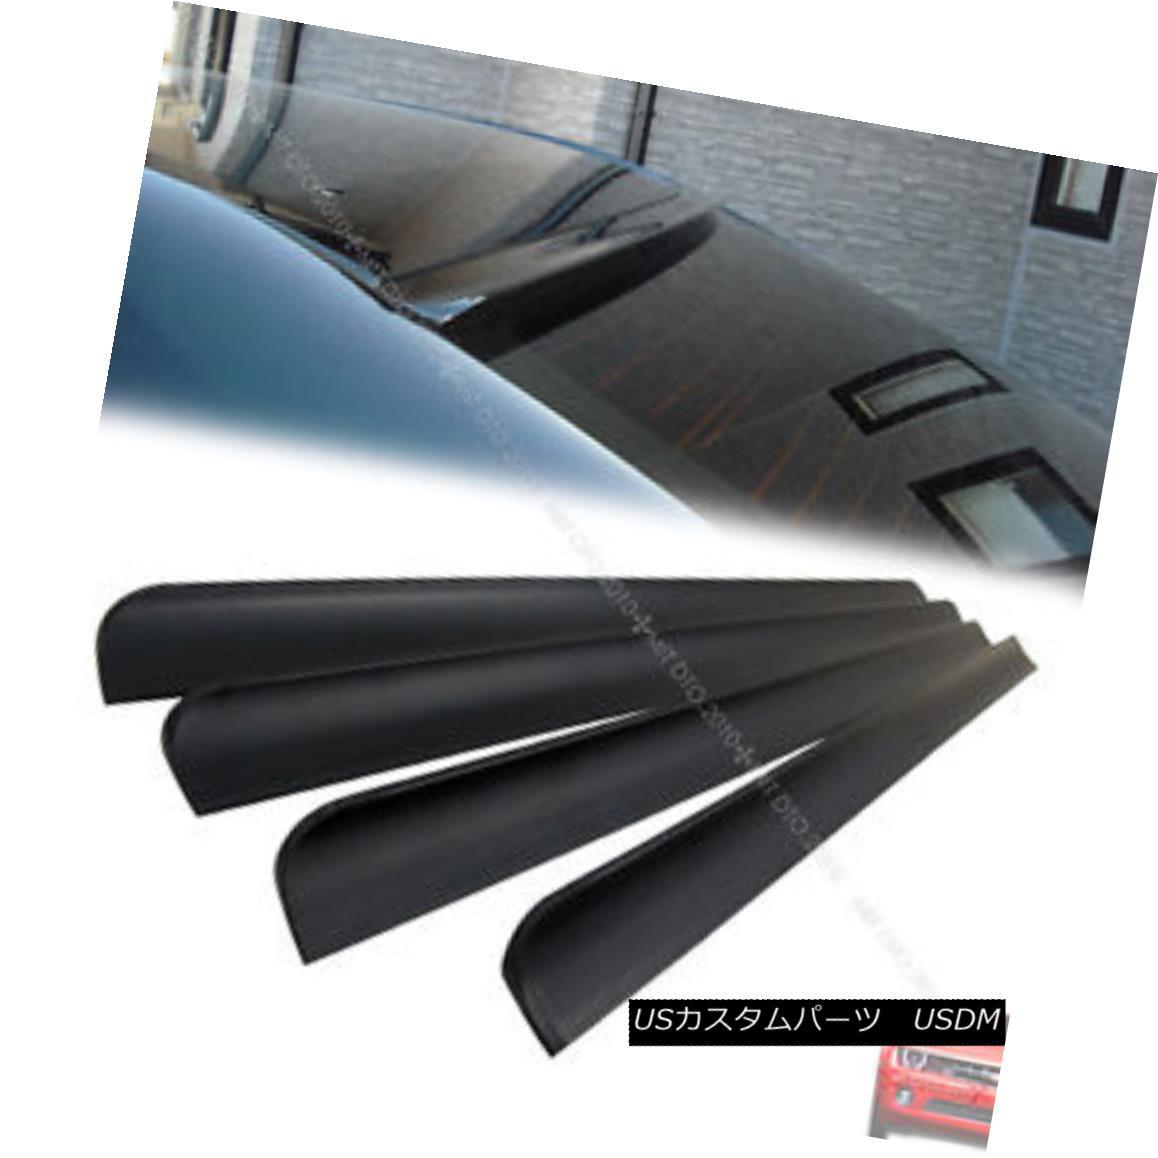 エアロパーツ Unpainted Mercedes BENZ S-Class W221 Sedan Rear Roof Lip Spoiler Wing 07-13 § 未塗装メルセデスベンツSクラスW221セダンリアルーフスポイラーウイング07-13